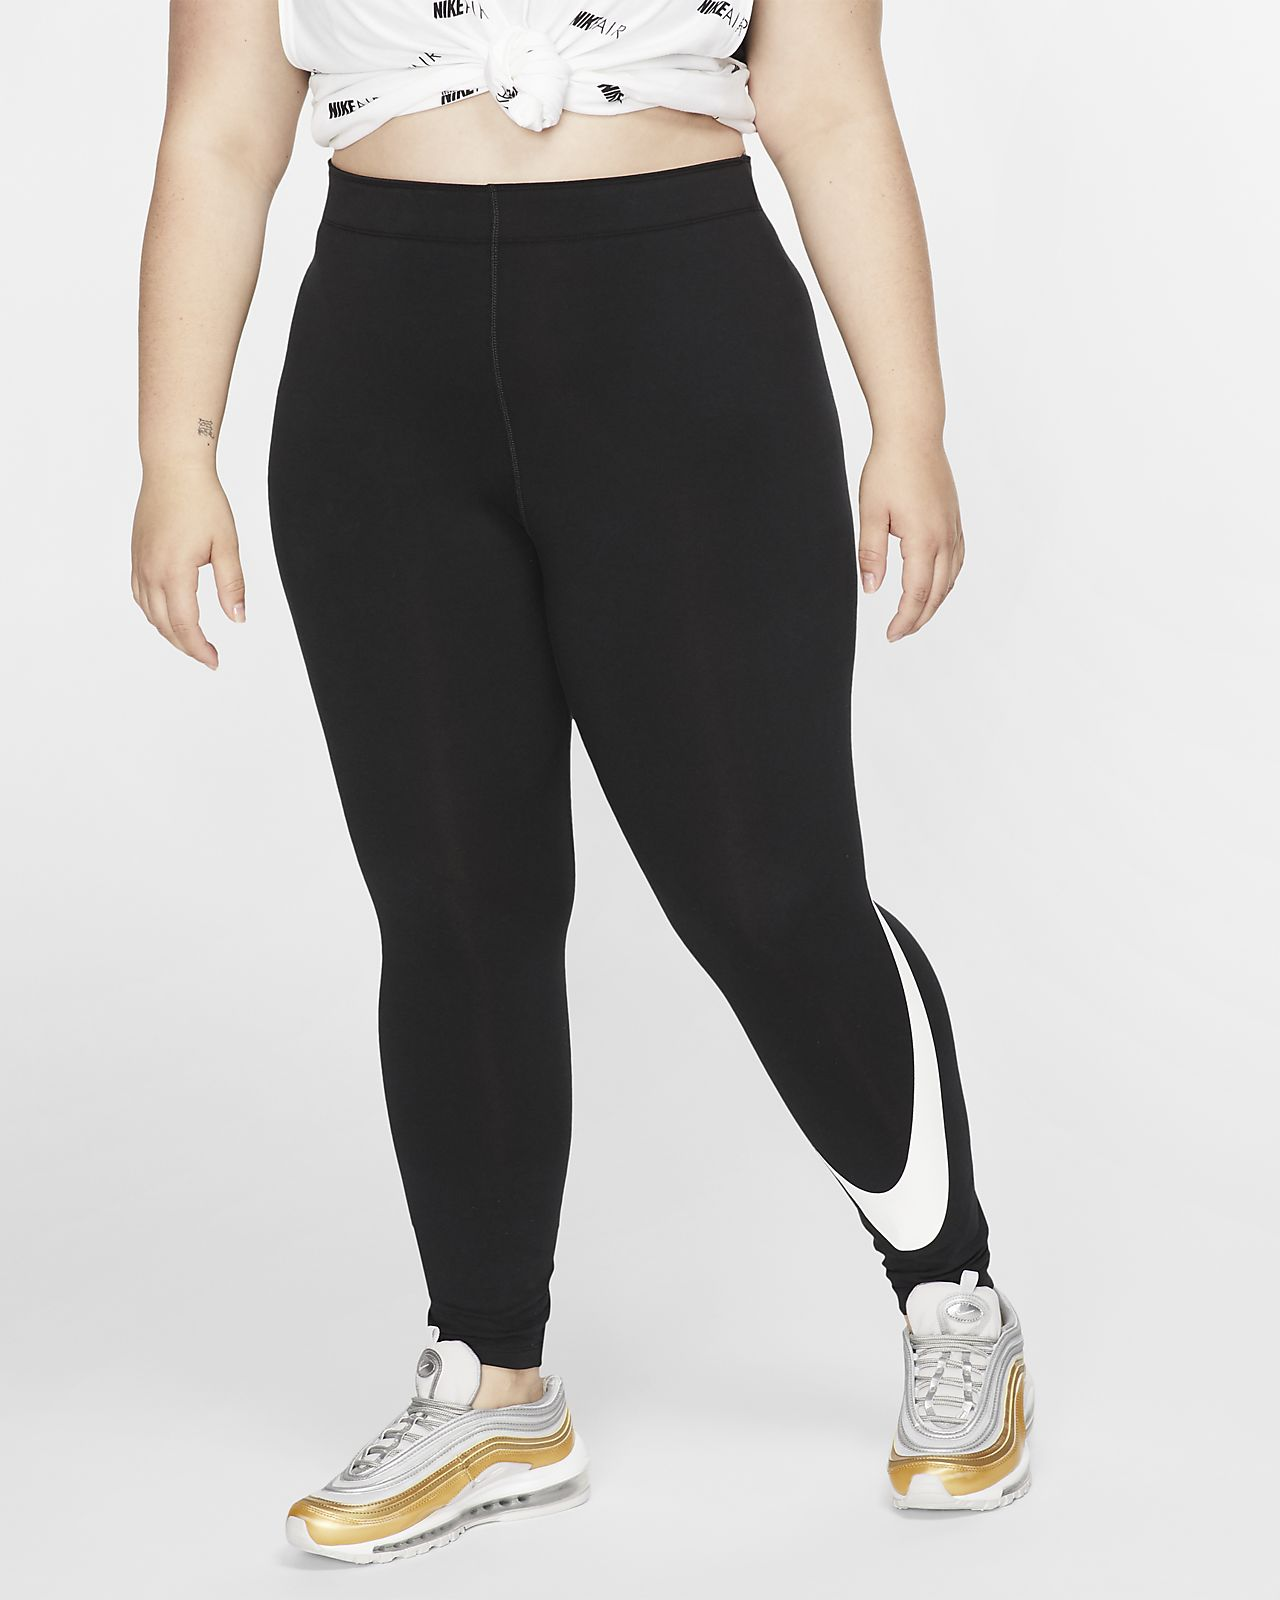 Nike Sportswear Leg-A-See Women's Swoosh Leggings (Plus Size)